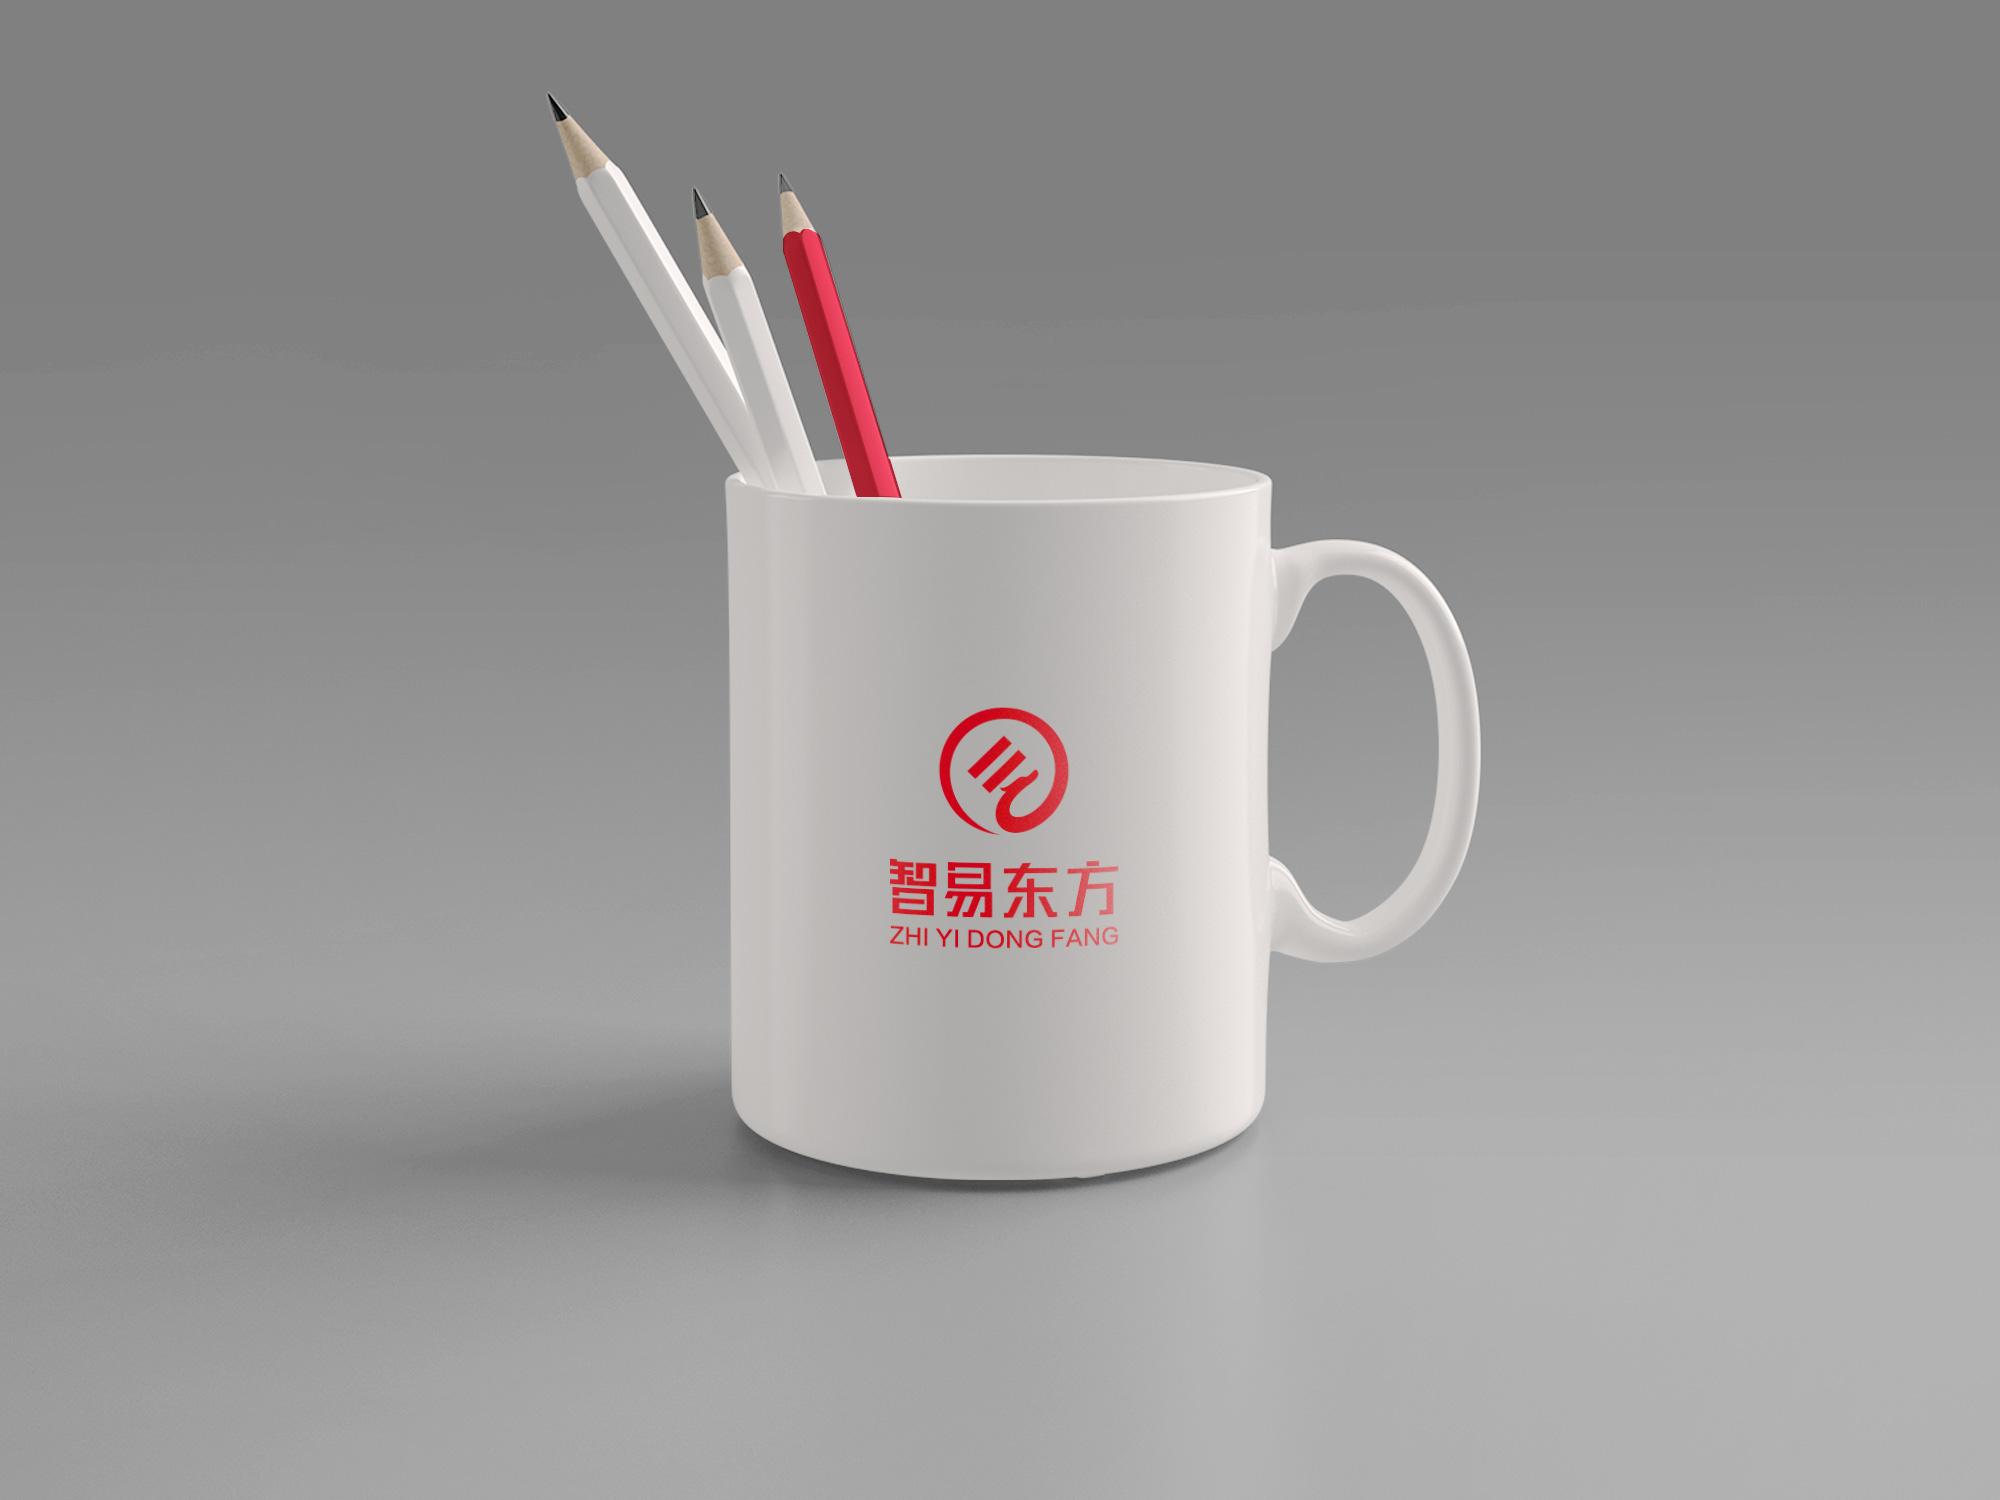 广西智易东方股权投资基金管理有限公司品牌设计